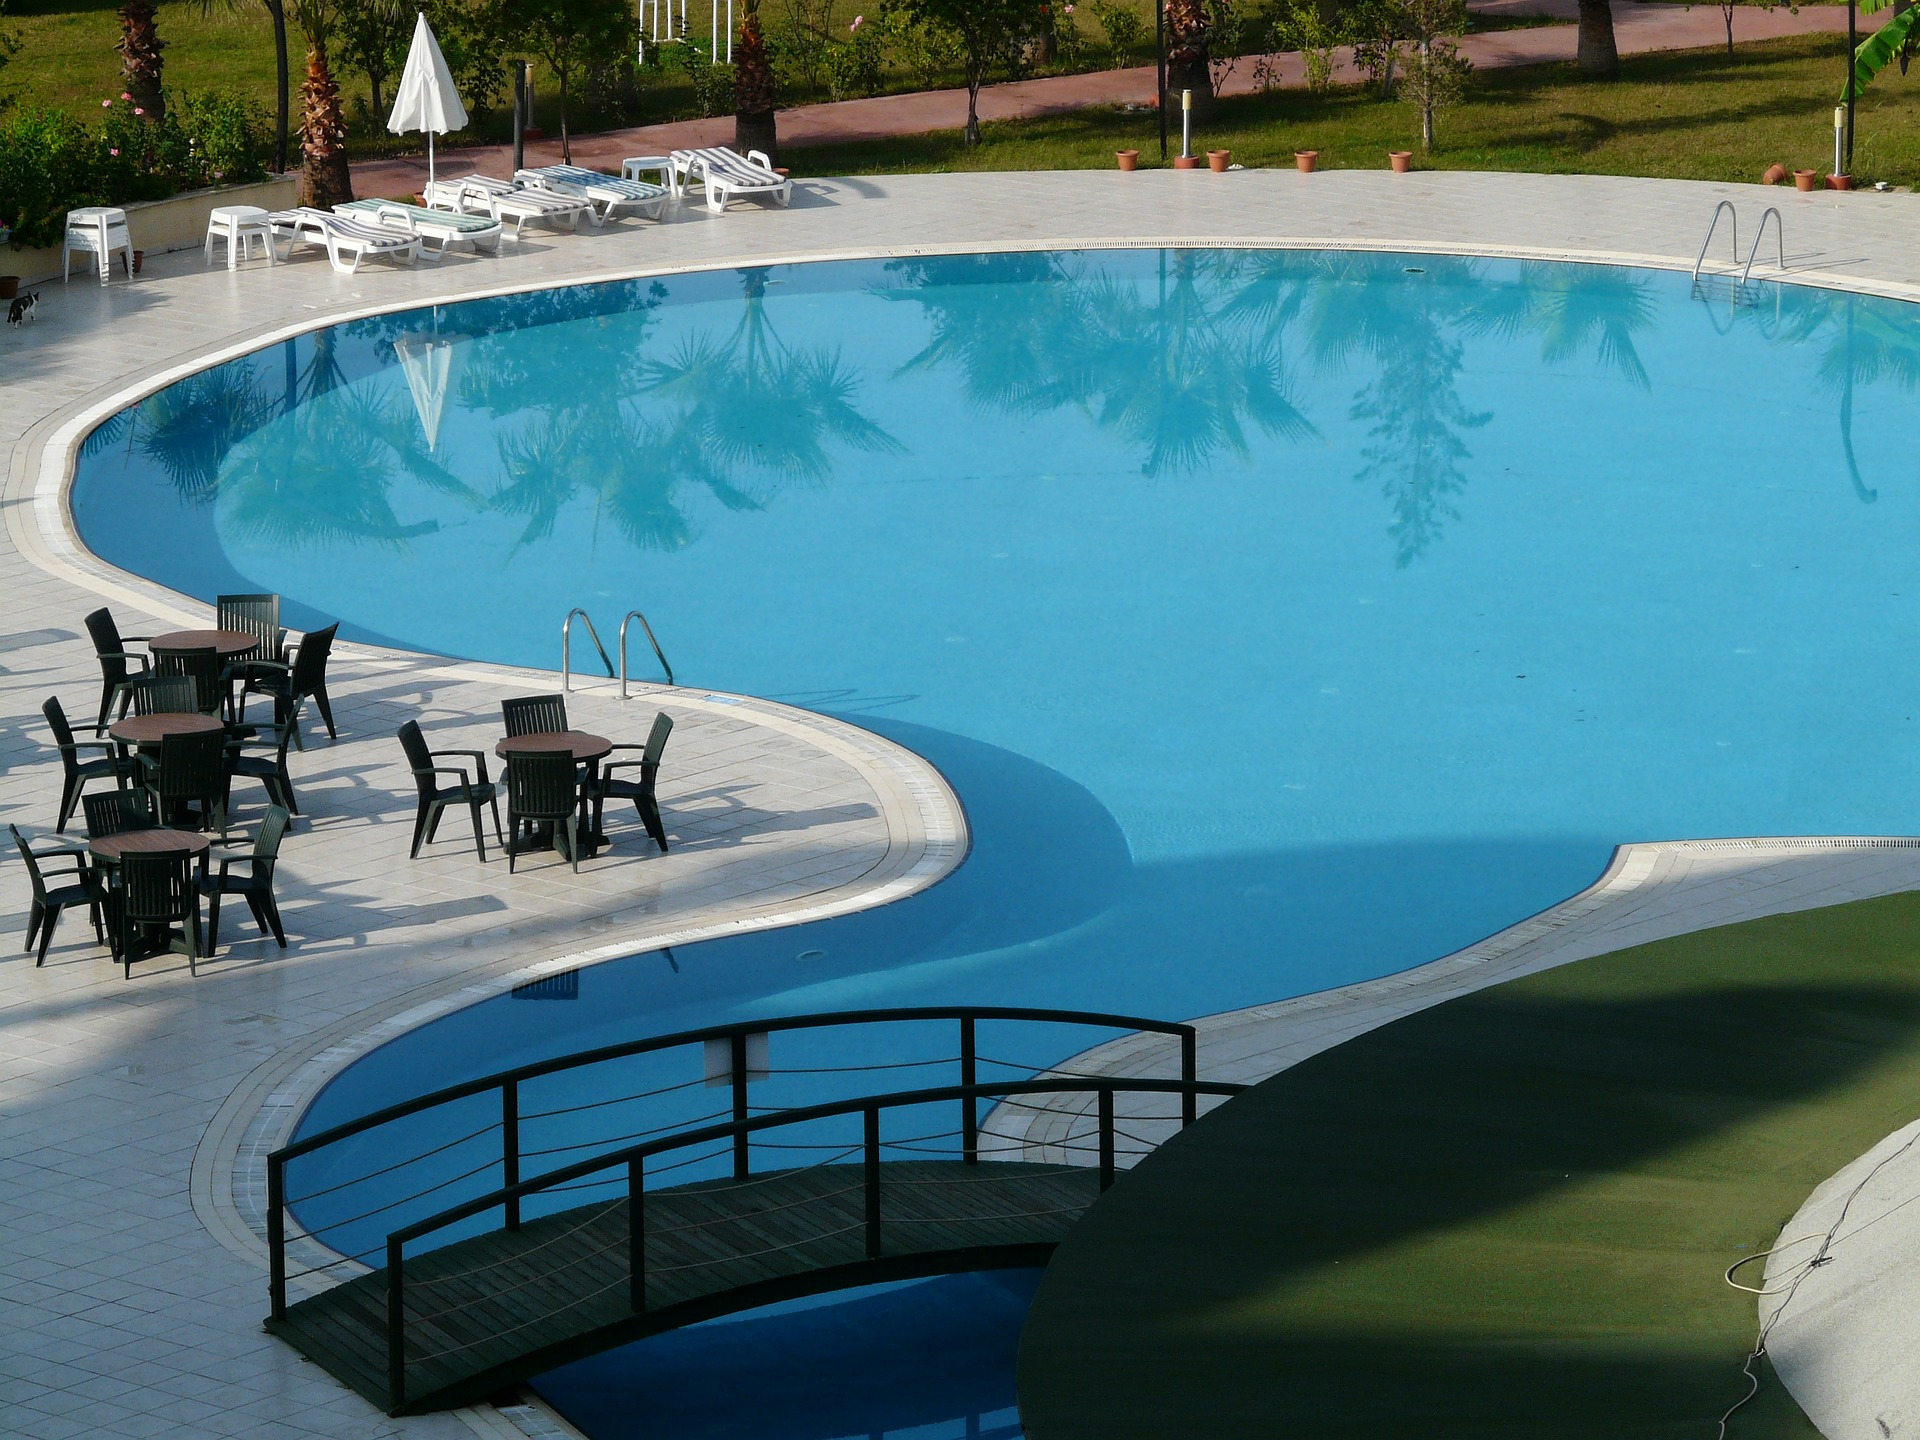 Construirea unei piscine de cat spatiu e nevoie hobbit for Cat costa construirea unei piscine